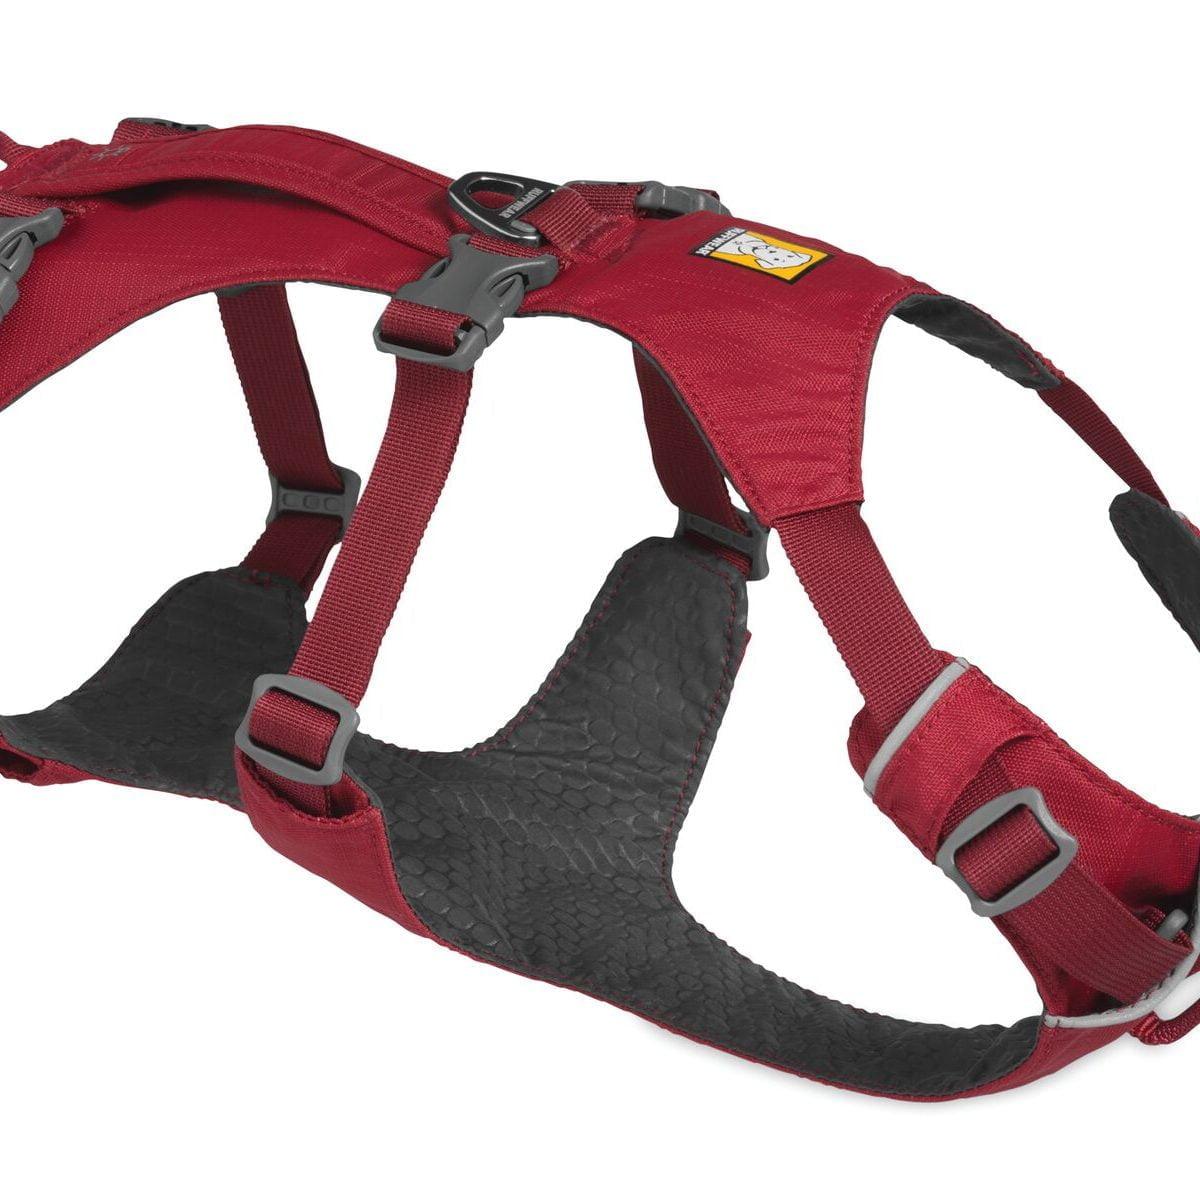 Ruffwear Flagline™ Harness, Red Rock